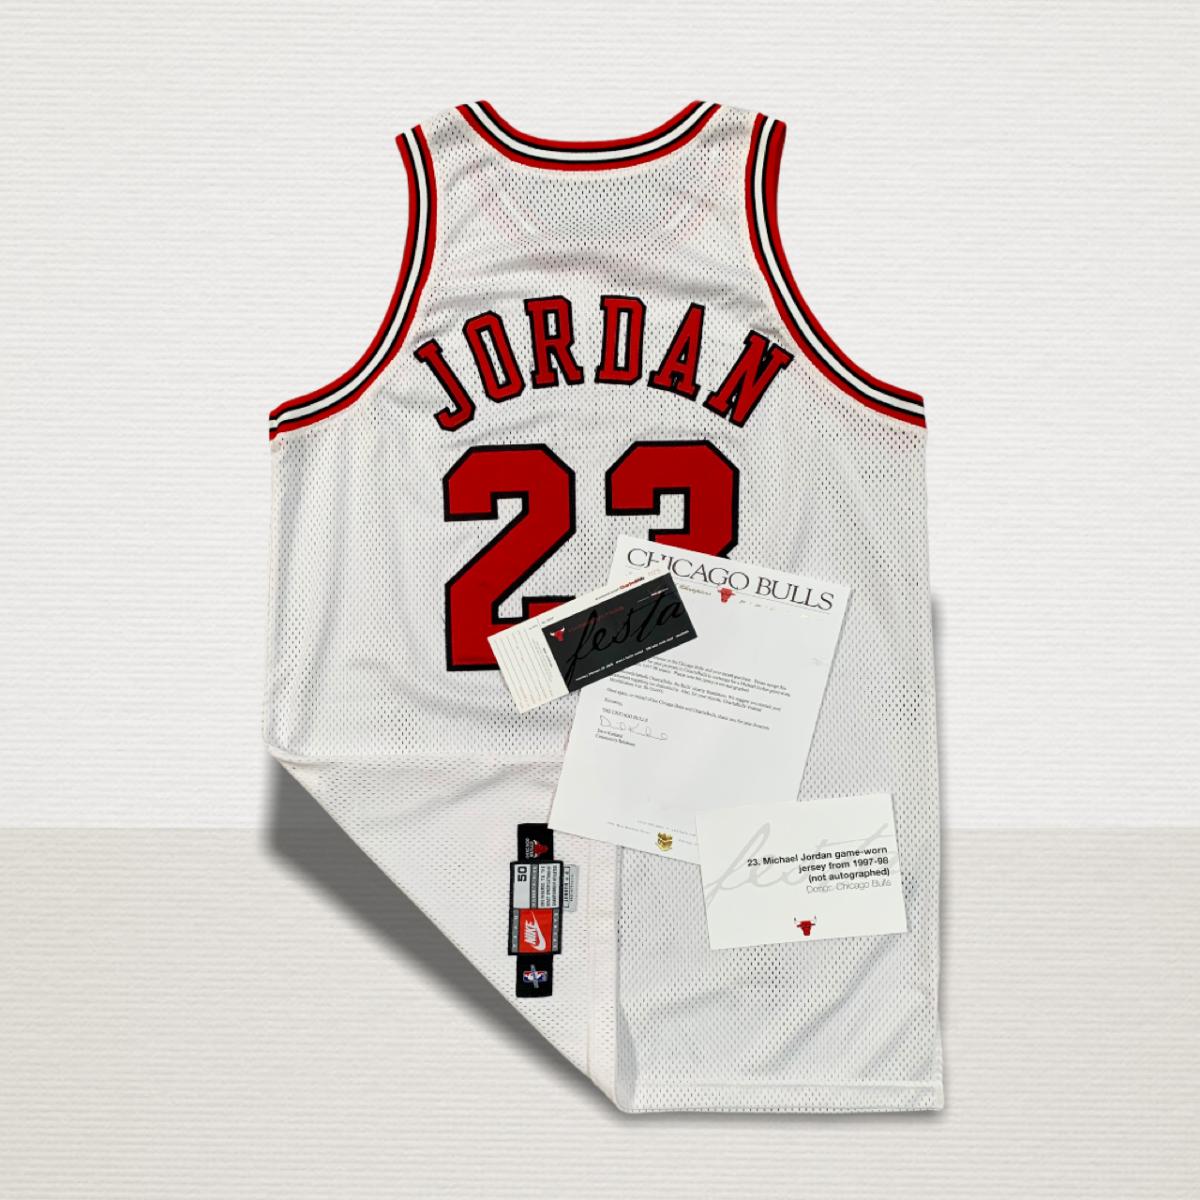 10 Jordan